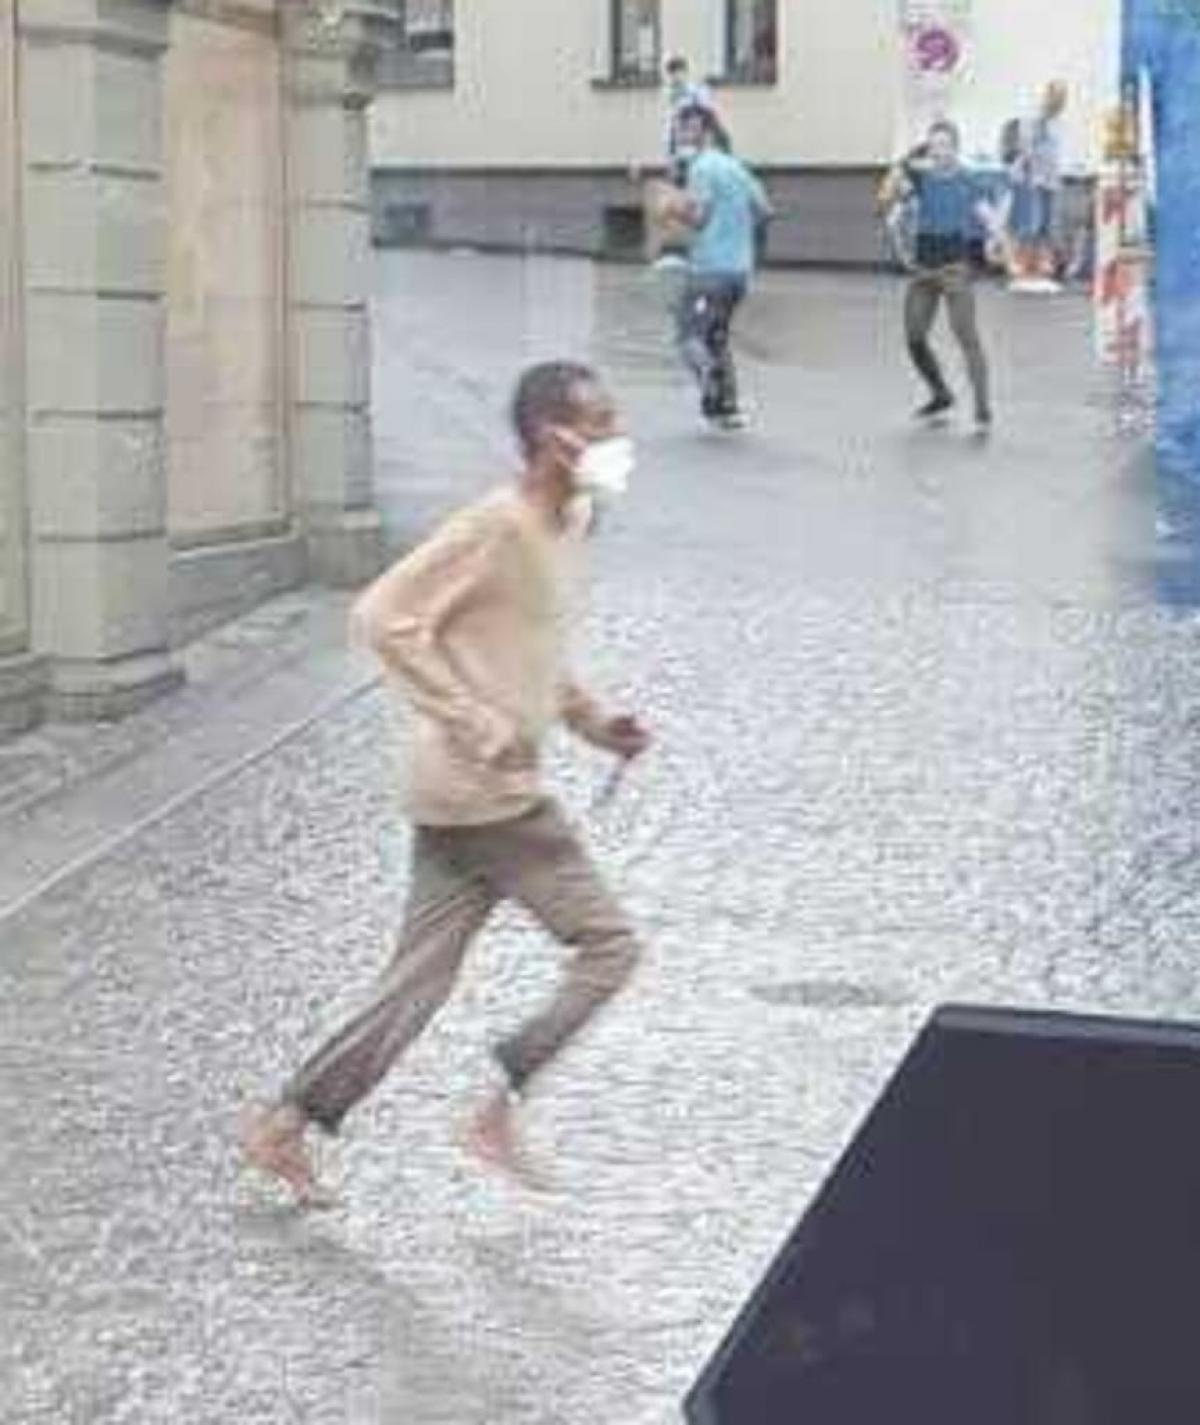 Würzburg: sorozatos hatósági mulasztások előzték meg a mészárlást